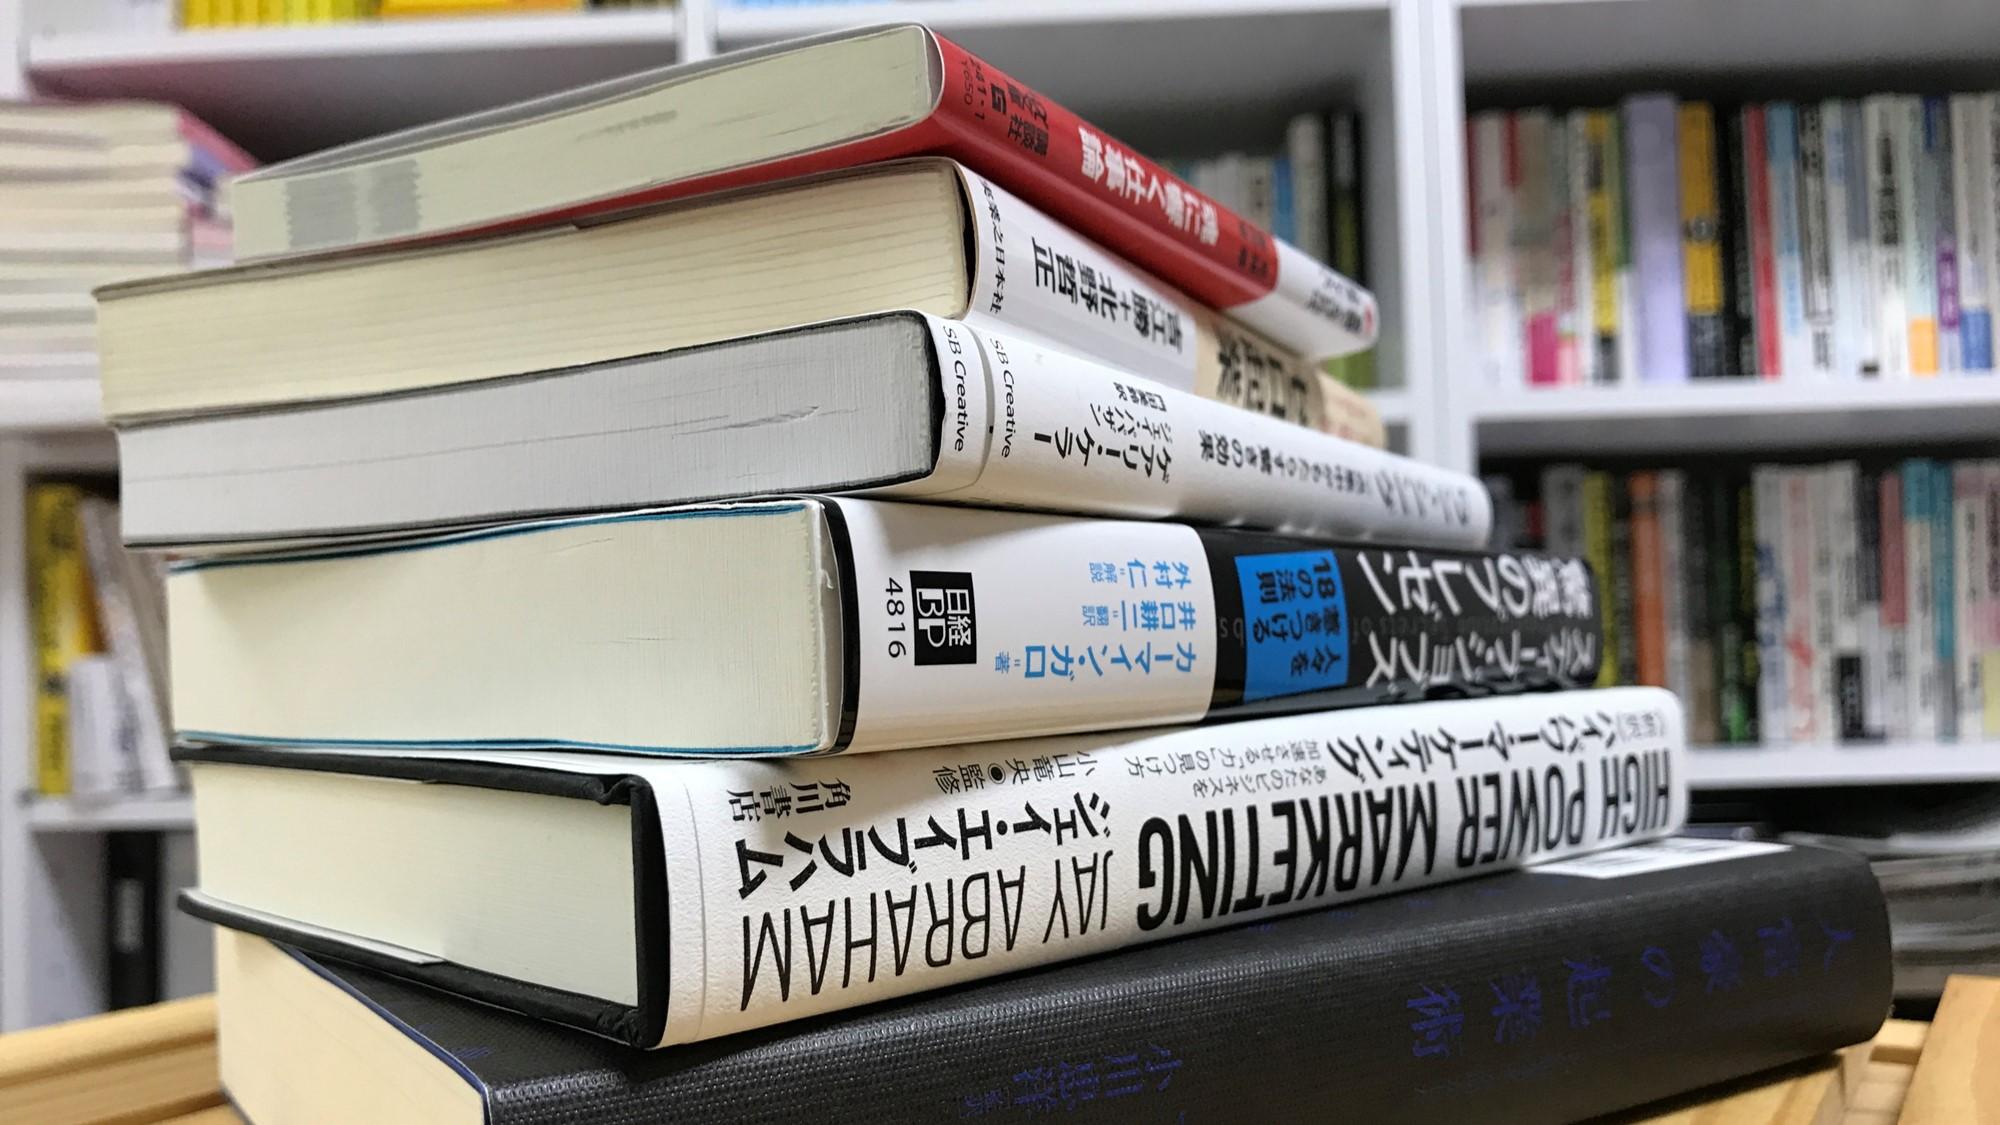 【ビジネスに効く読書のコツ!】3週間で8冊の課題図書を、どうやって読破するか?